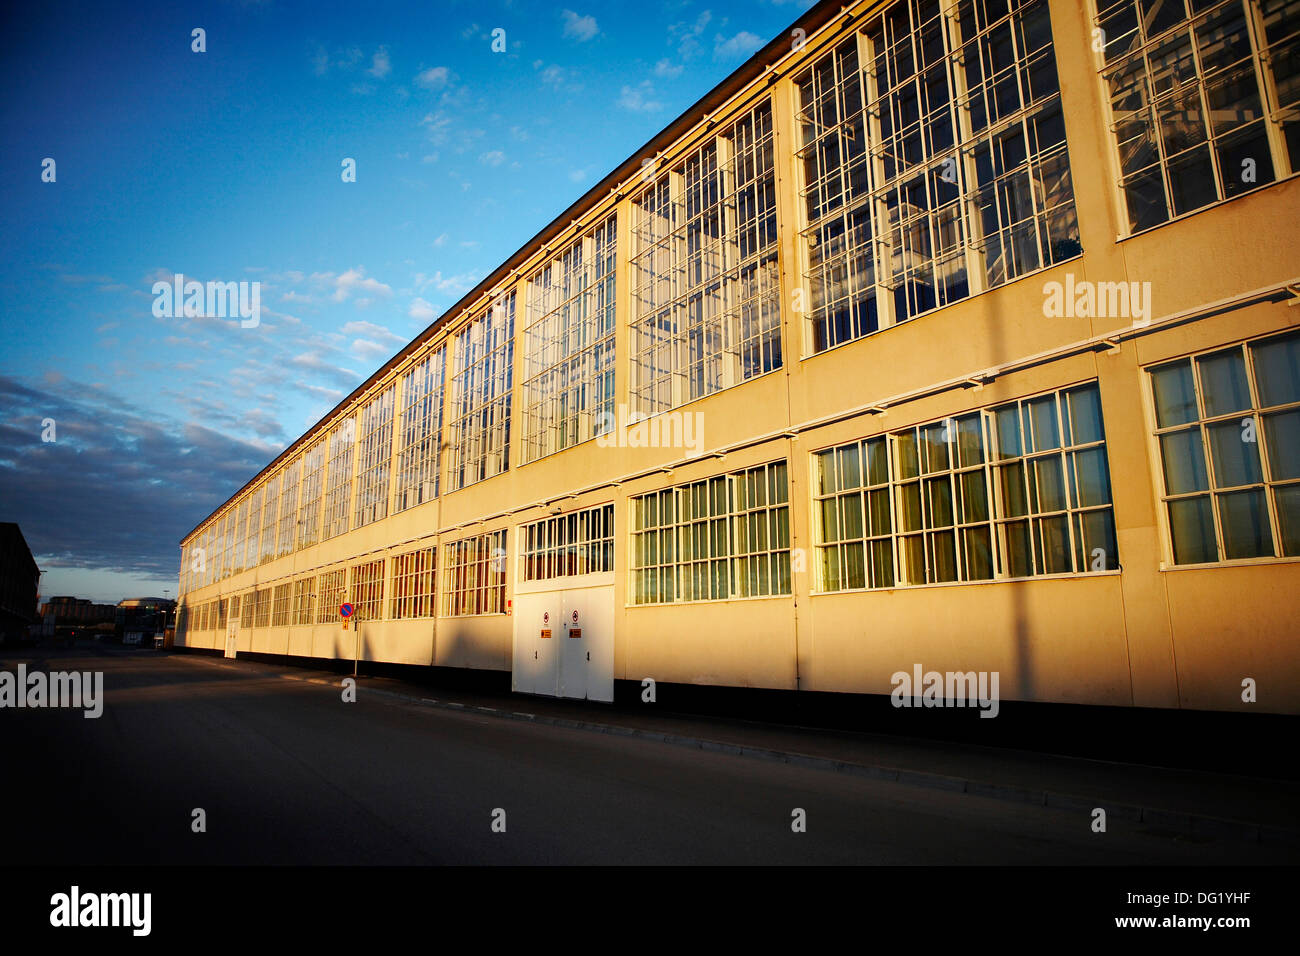 Edificio industriale con grandi finestre Immagini Stock